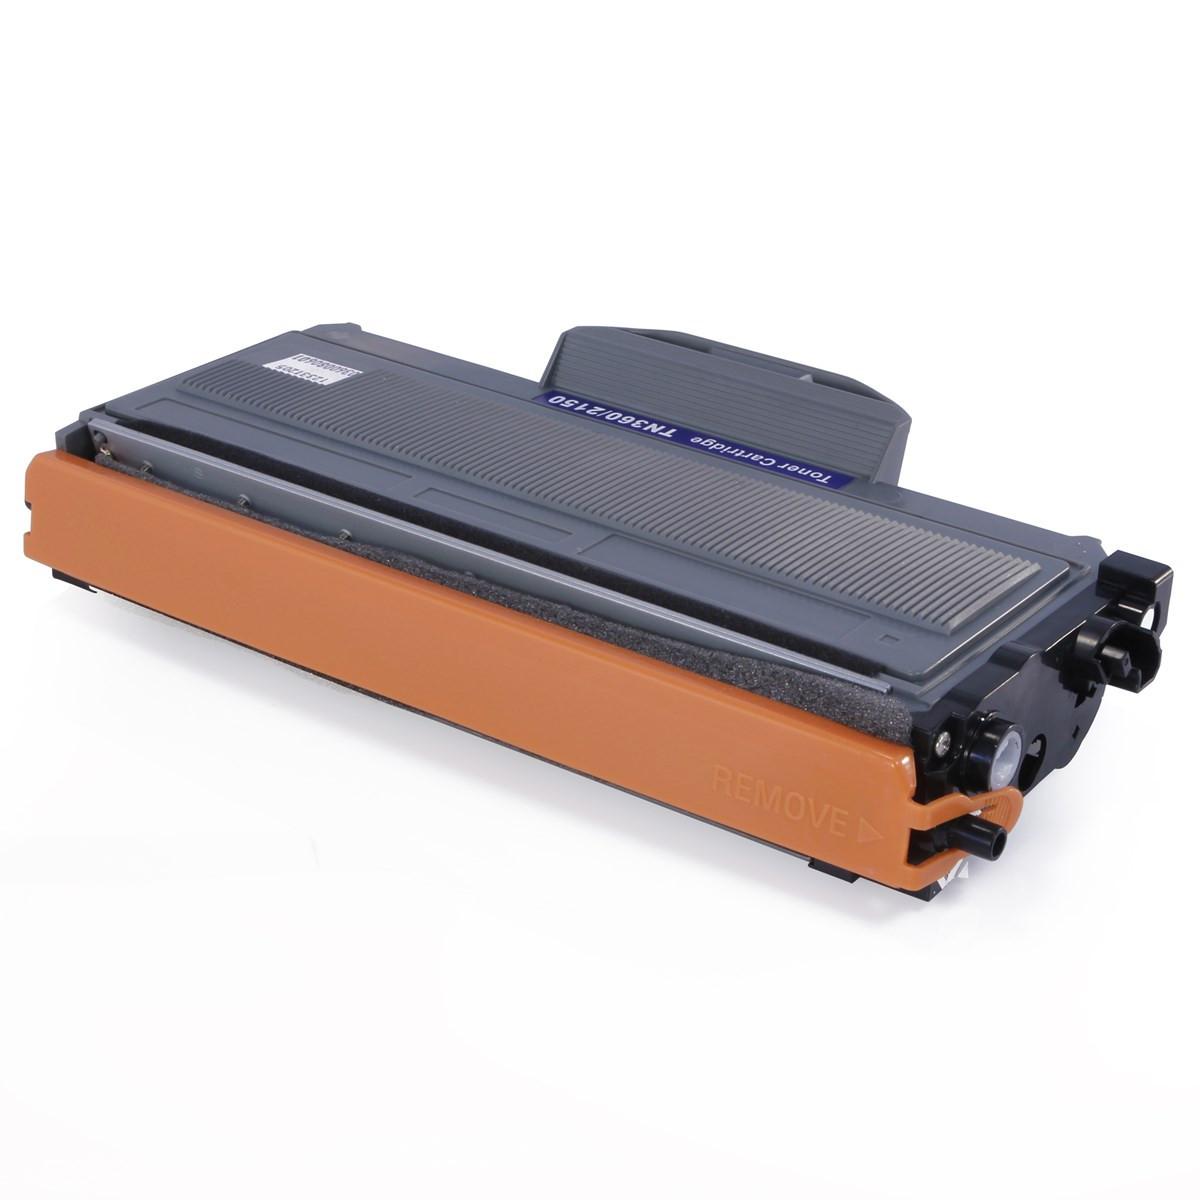 Toner Compatível com Brother TN360 | DCP7030 DCP7040 HL2140 HL2150 MFC7320 MFC7840 | Premium 2.6k